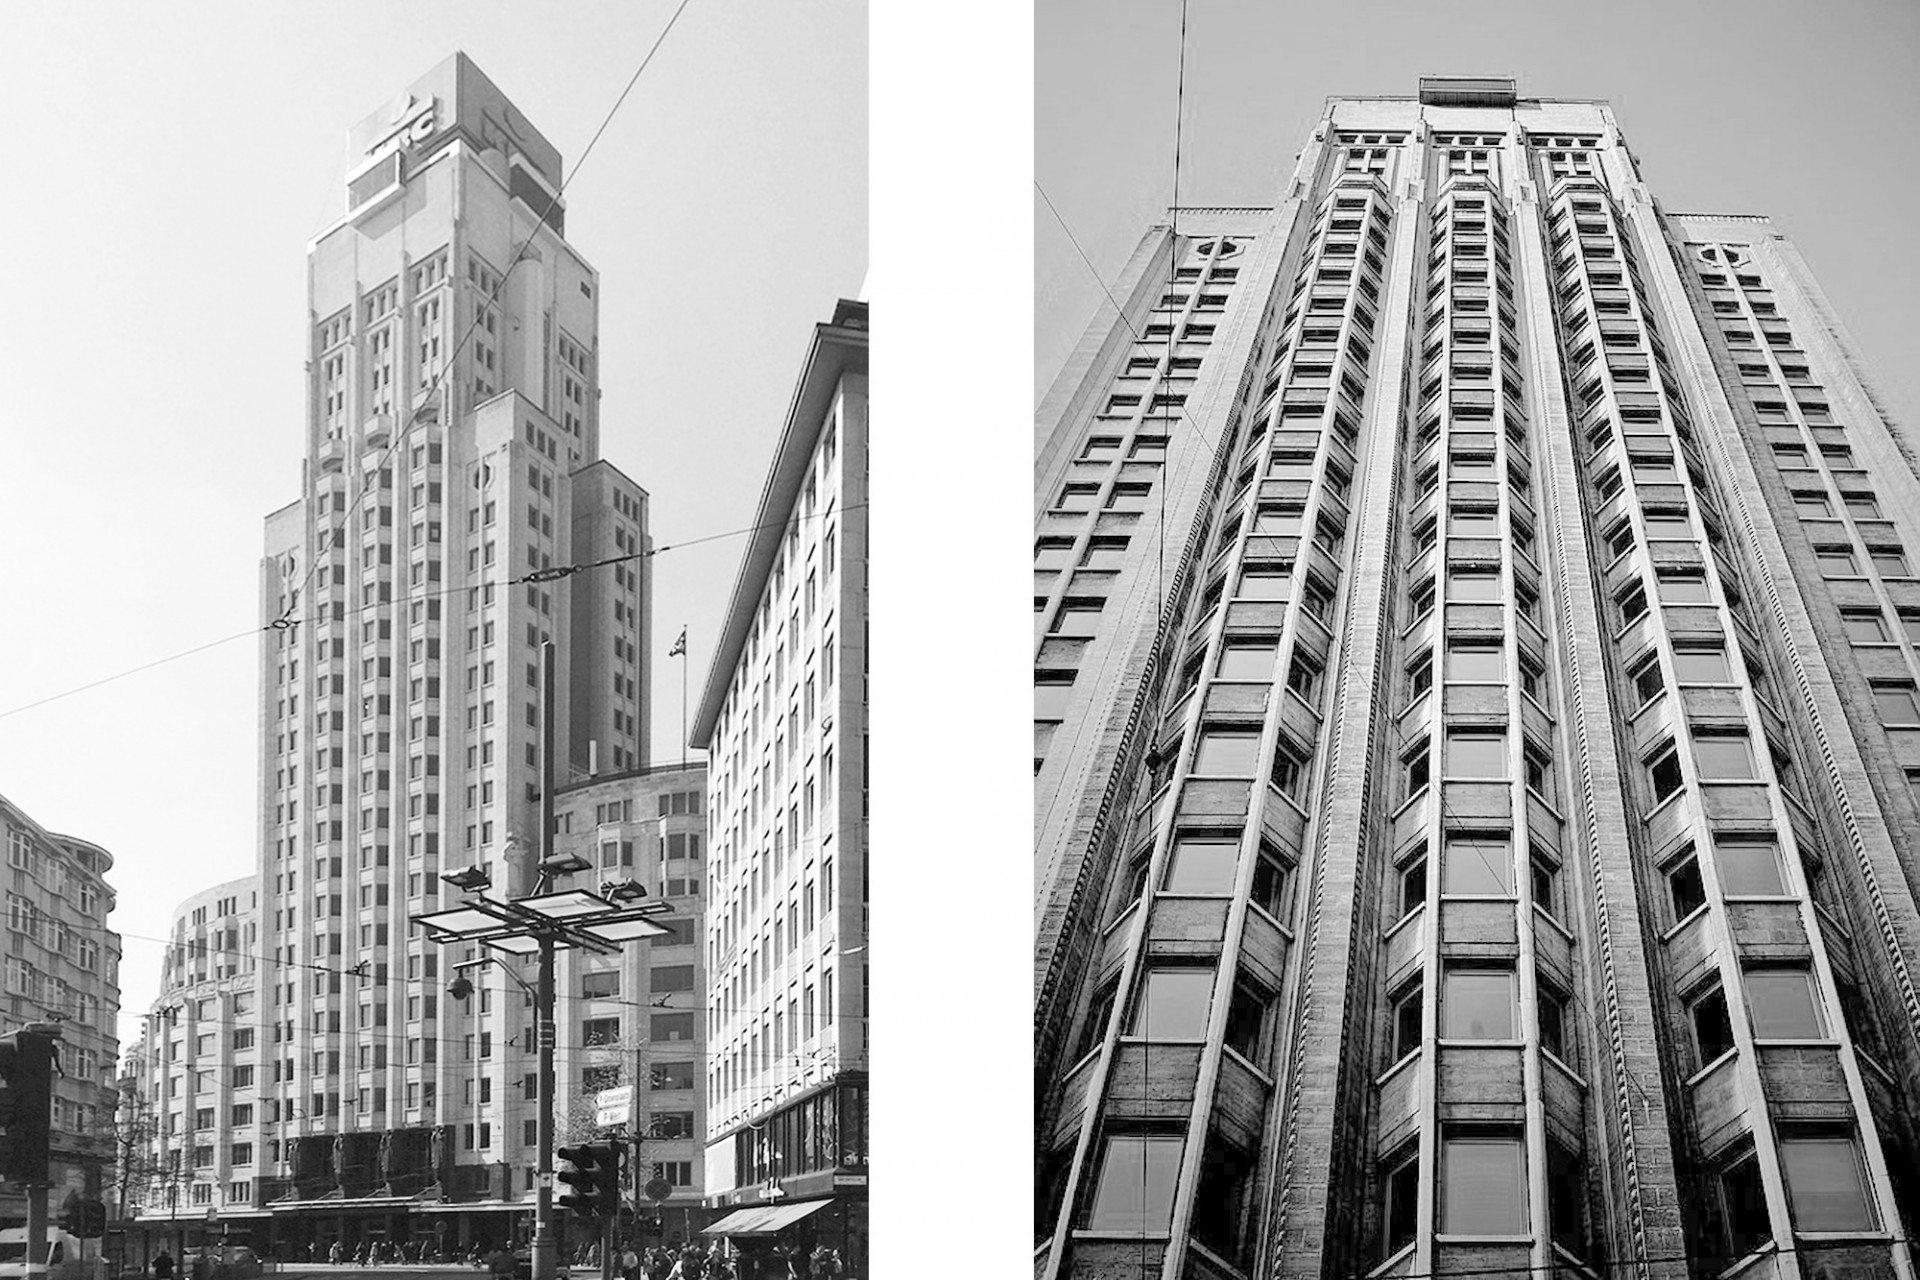 """Amerikanisch. Er ist noch immer der Star der modernen Antwerpener Skyline. Bei seiner spektakulären Eröffnung anlässlich der Weltausstellung 1930 war der Boerentoren (Bauernturm) eines der höchsten Gebäude Europas. Seinen Namen erhielt der 87,5 Meter hohe Turm durch die damaligen Hauptklienten der Bauherrin """"Kredietbank"""". Sie waren zumeist Bauern. Der Architekt Jan Van Hoenacker ließ sich bei seinem Entwurf unverkennbar von den Art Déco-Legenden Chicagos und New Yorks inspirieren. Durch spätere Umbauten und Aufstockungen wuchs er auf mittlerweile 97 Meter an."""